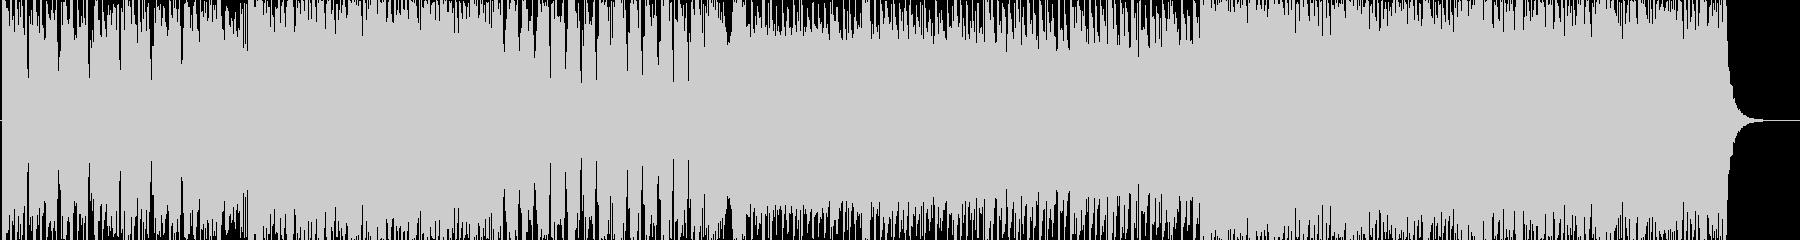 疾走感のあるハードロックの未再生の波形